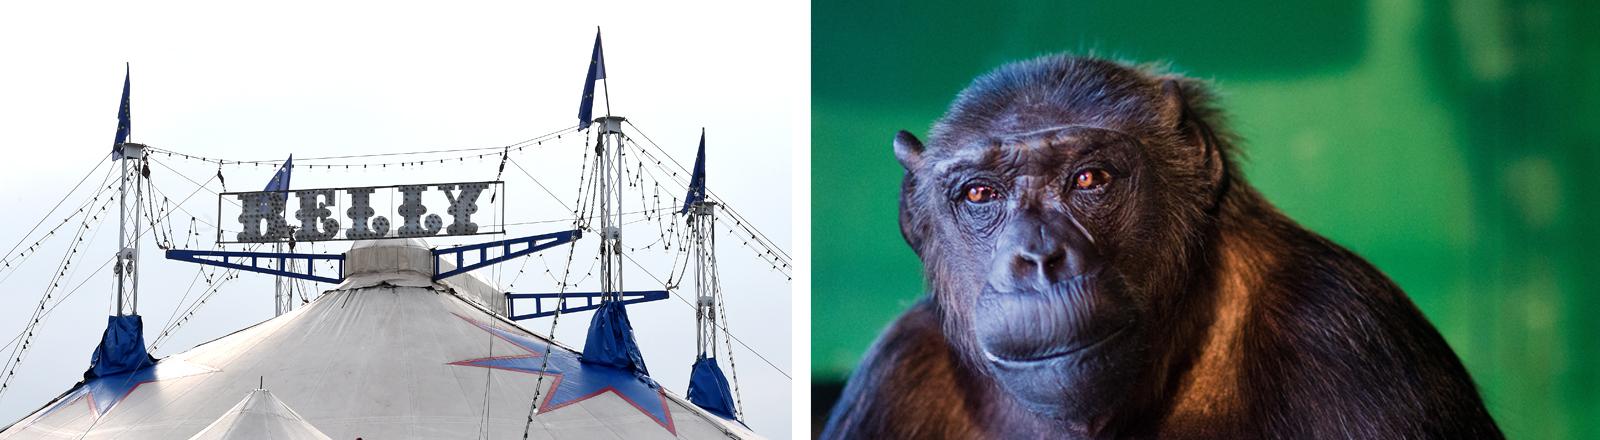 Collage: Zirkus Belly und Schimpanse Robby